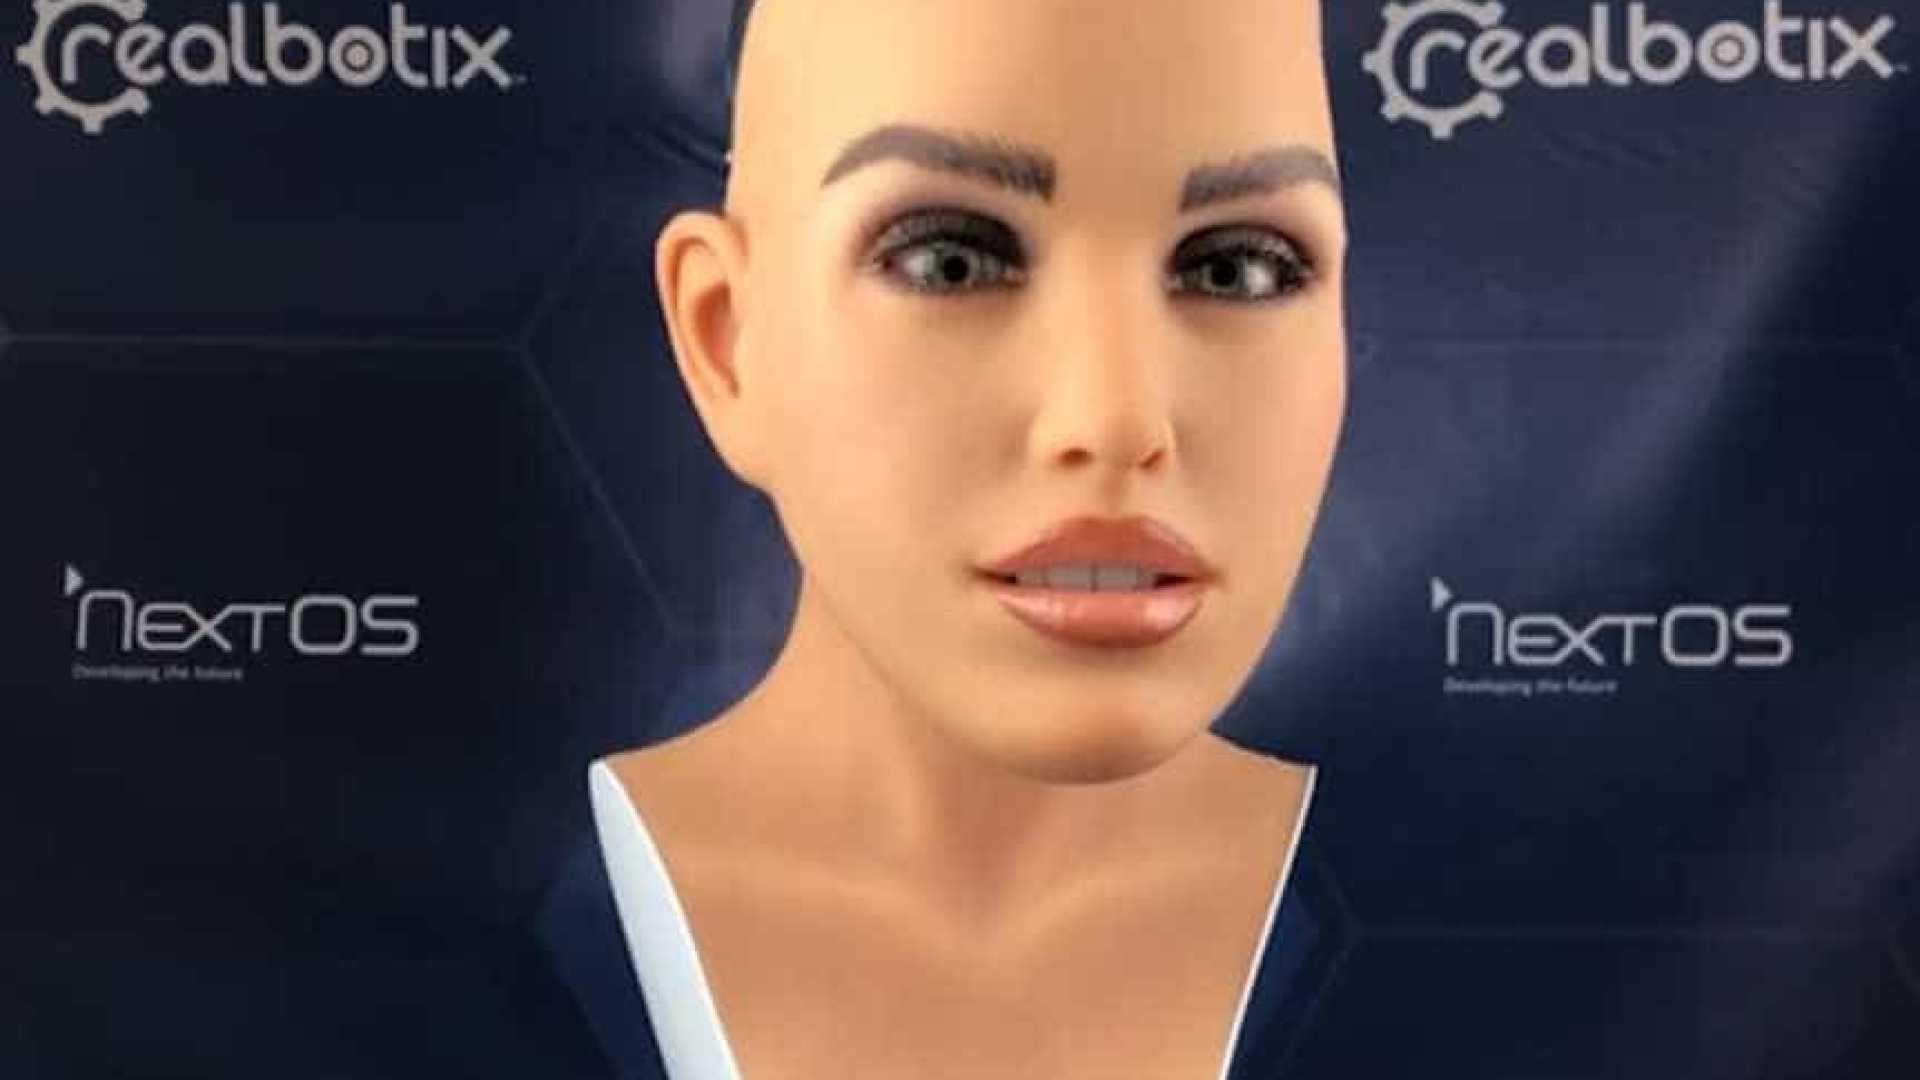 naom 5bc791c47250c - Brasileiros criam robô humanoide para atender em restaurantes e hotéis